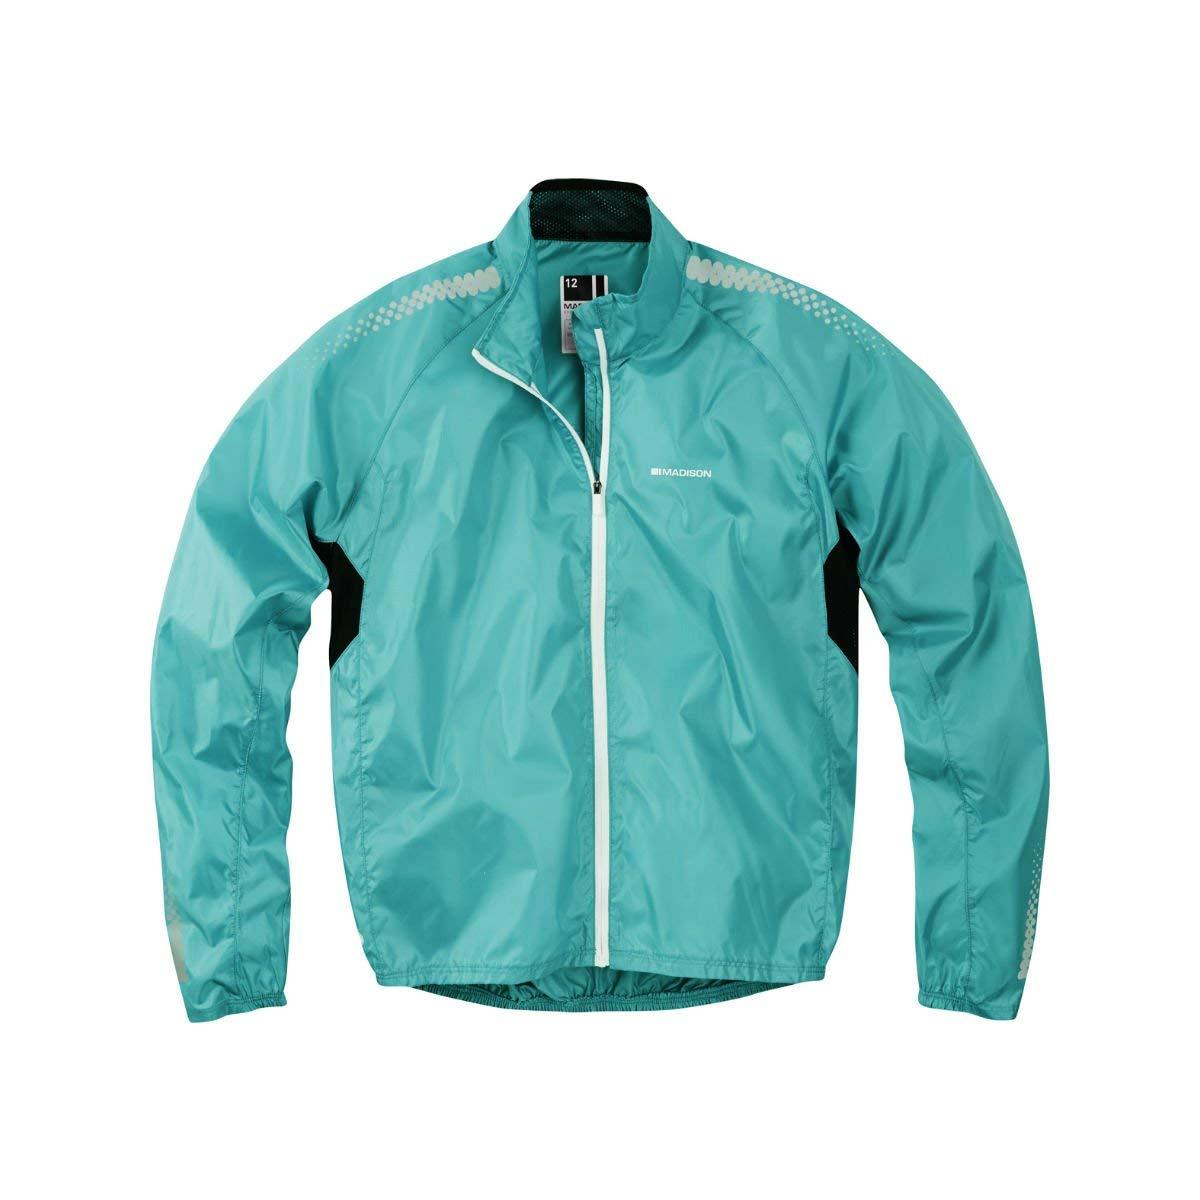 f123eefeb0c Cheap Ladies Waterproof Cycling Jacket, find Ladies Waterproof ...